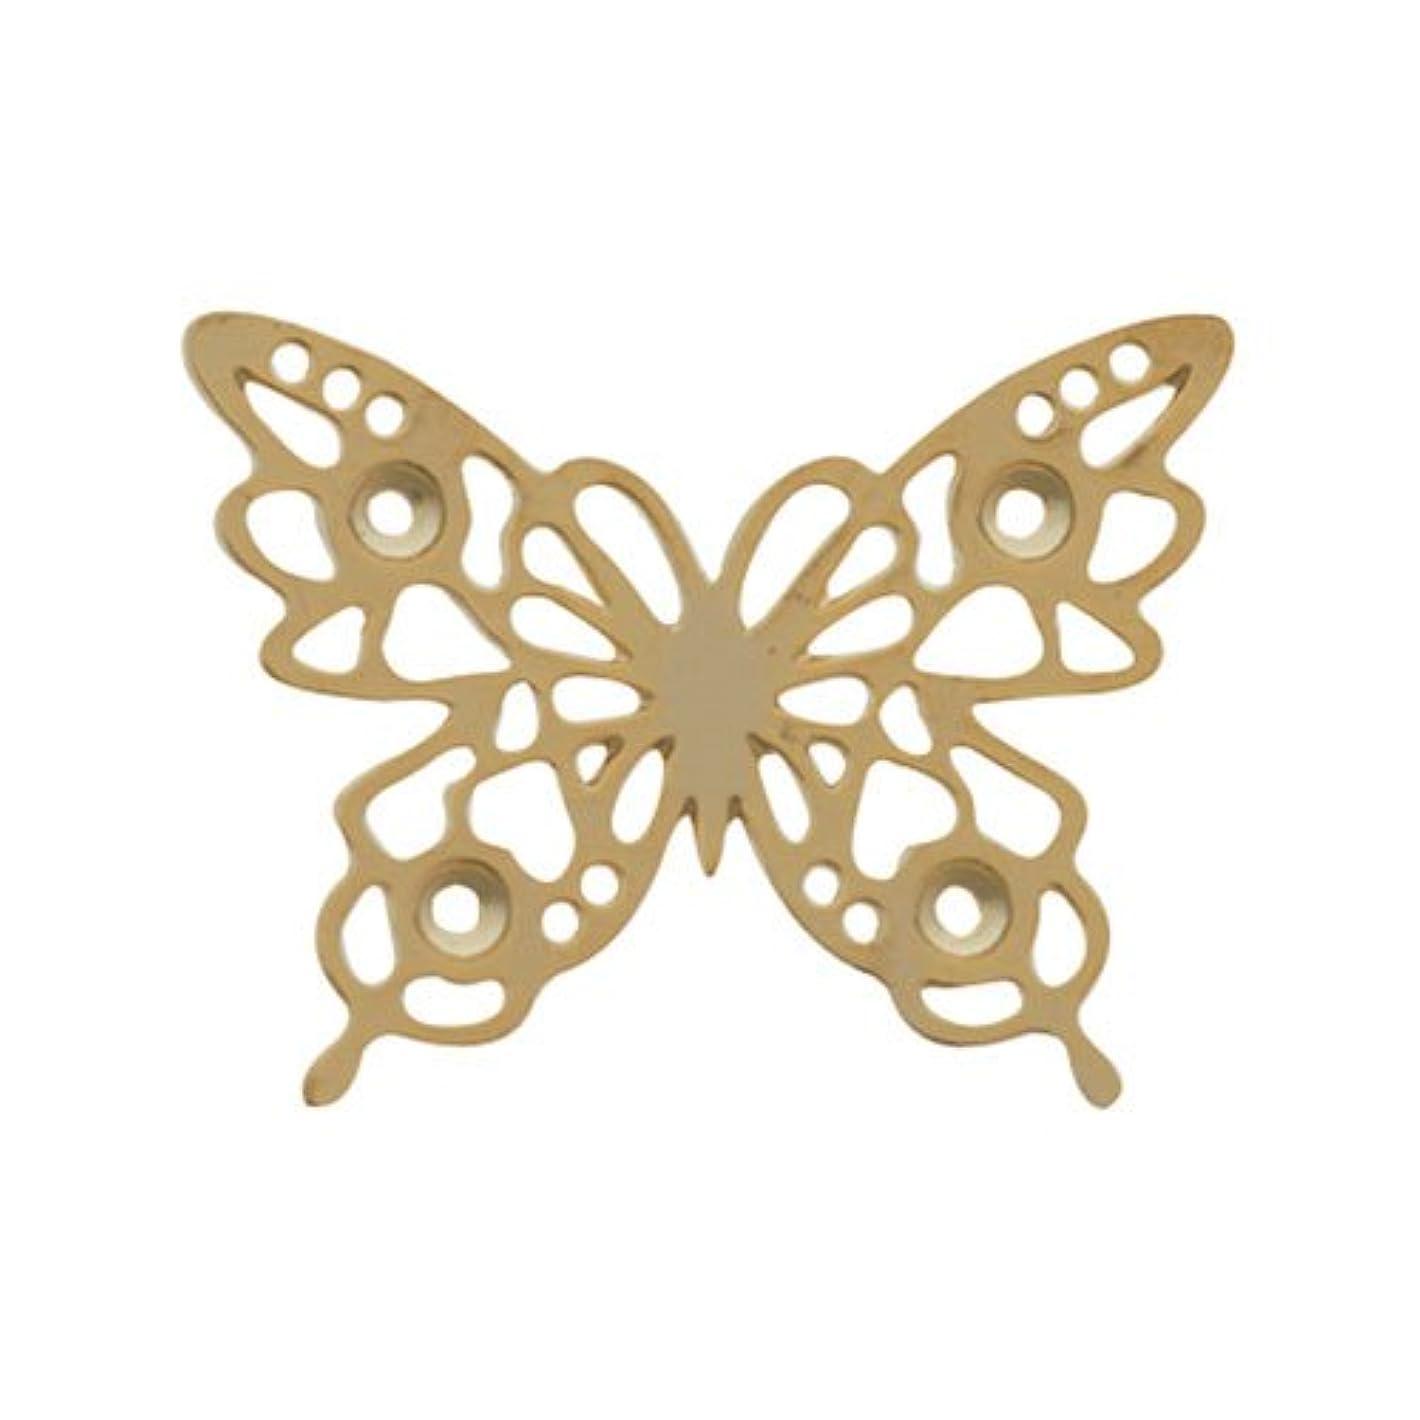 時計回り論争応用リトルプリティー ネイルアートパーツ チョウレースM ゴールド 10個